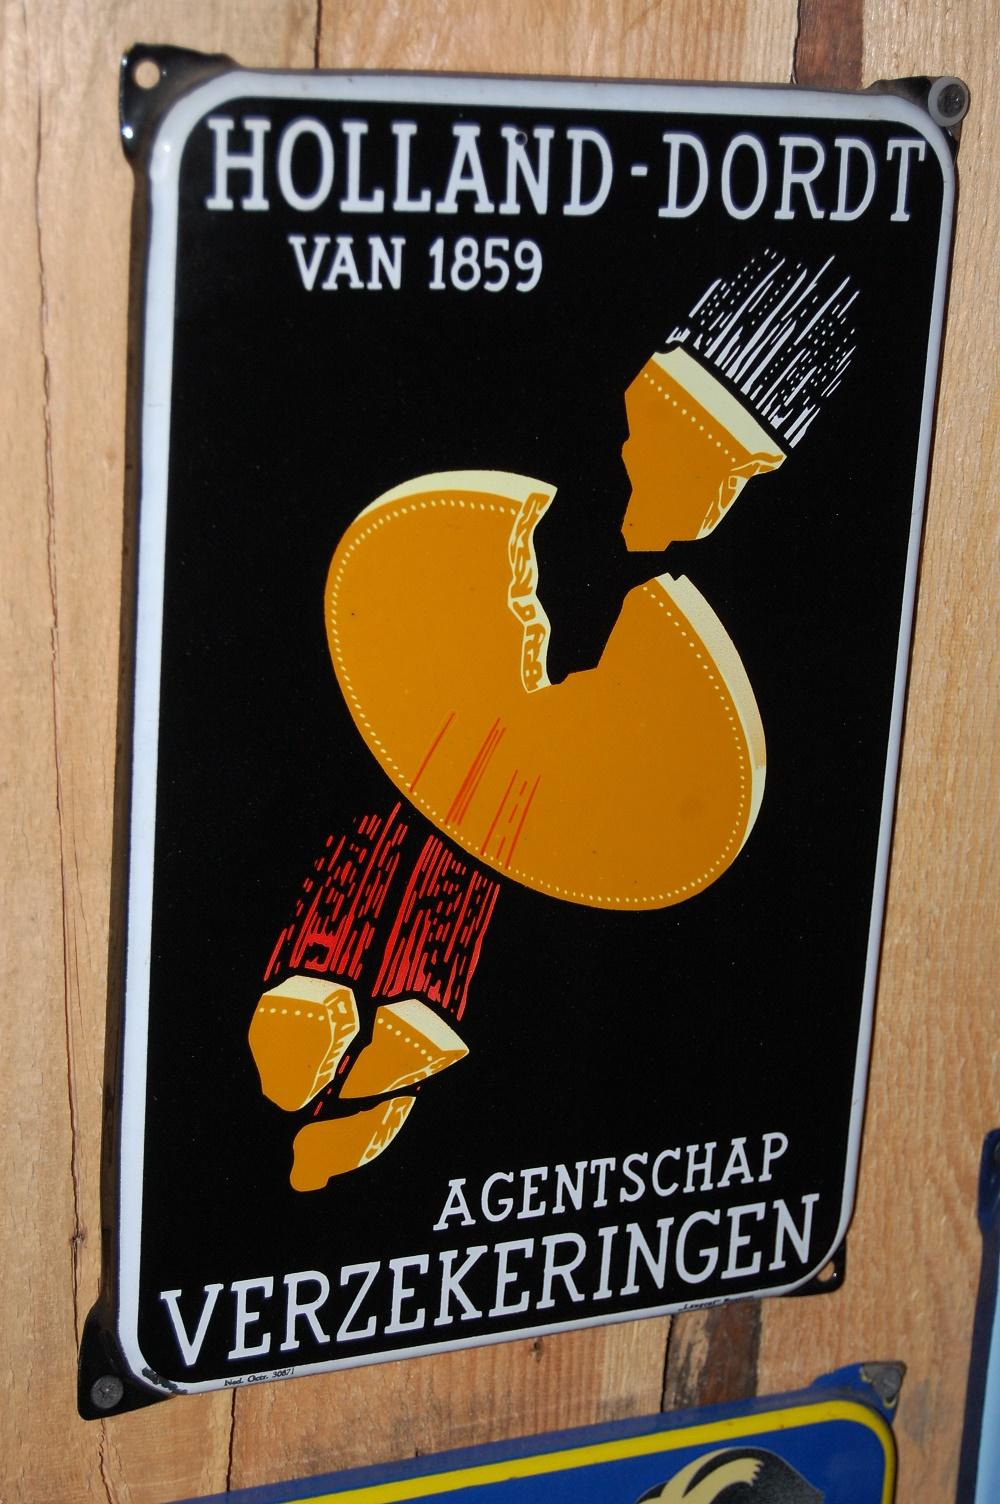 holland dordt van 1859 verzekeringen